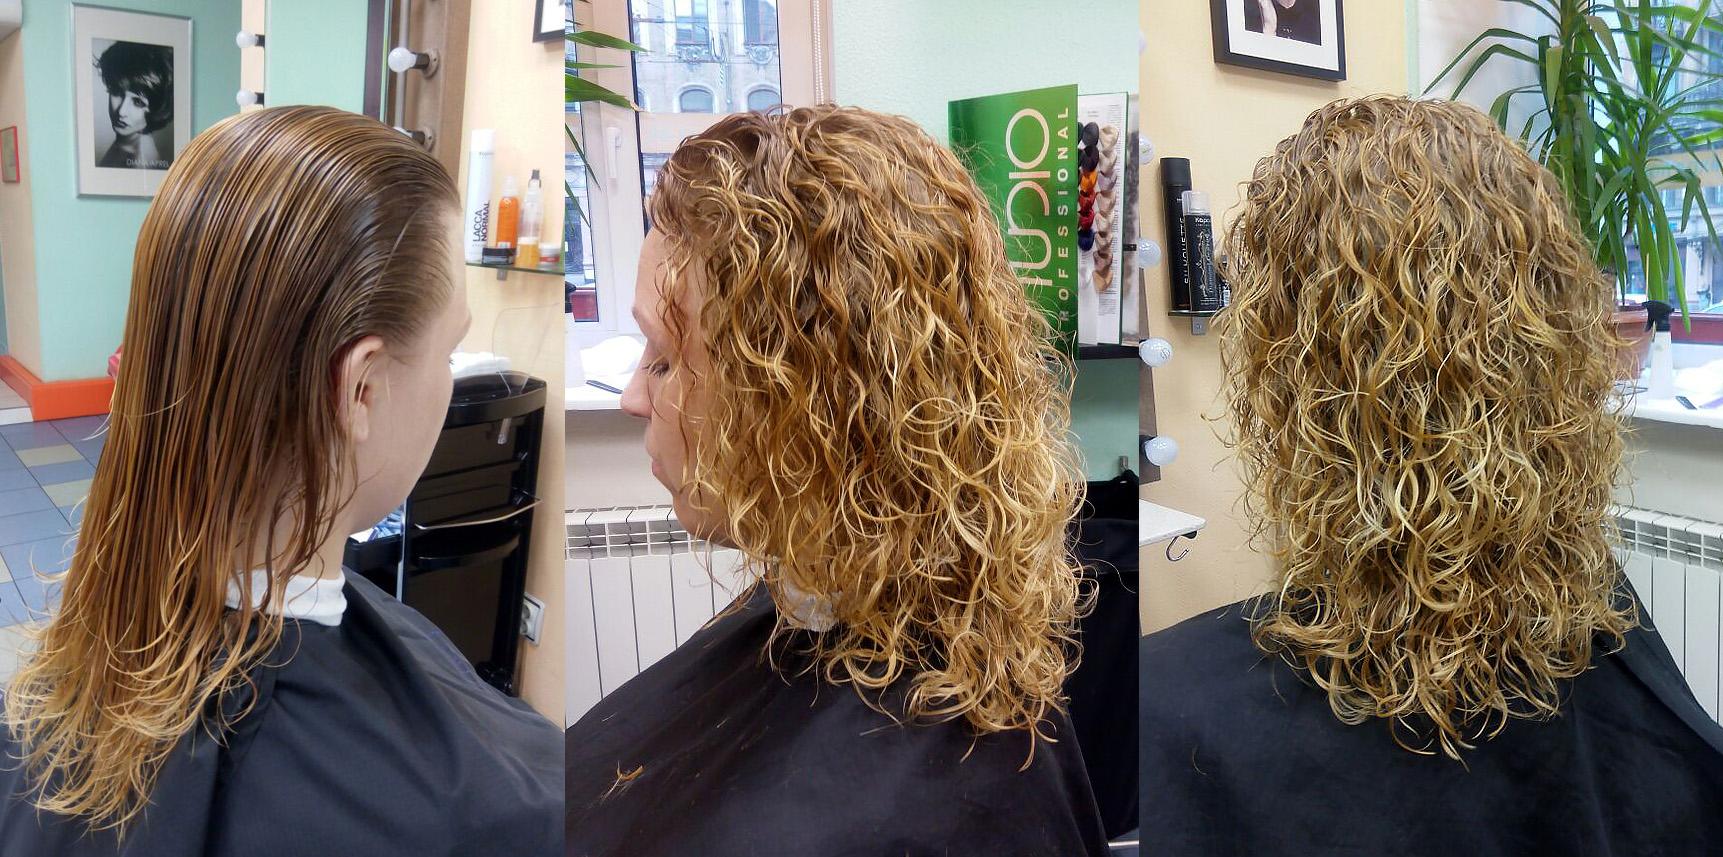 Как сделать эффект мокрых волос в домашних условиях 21